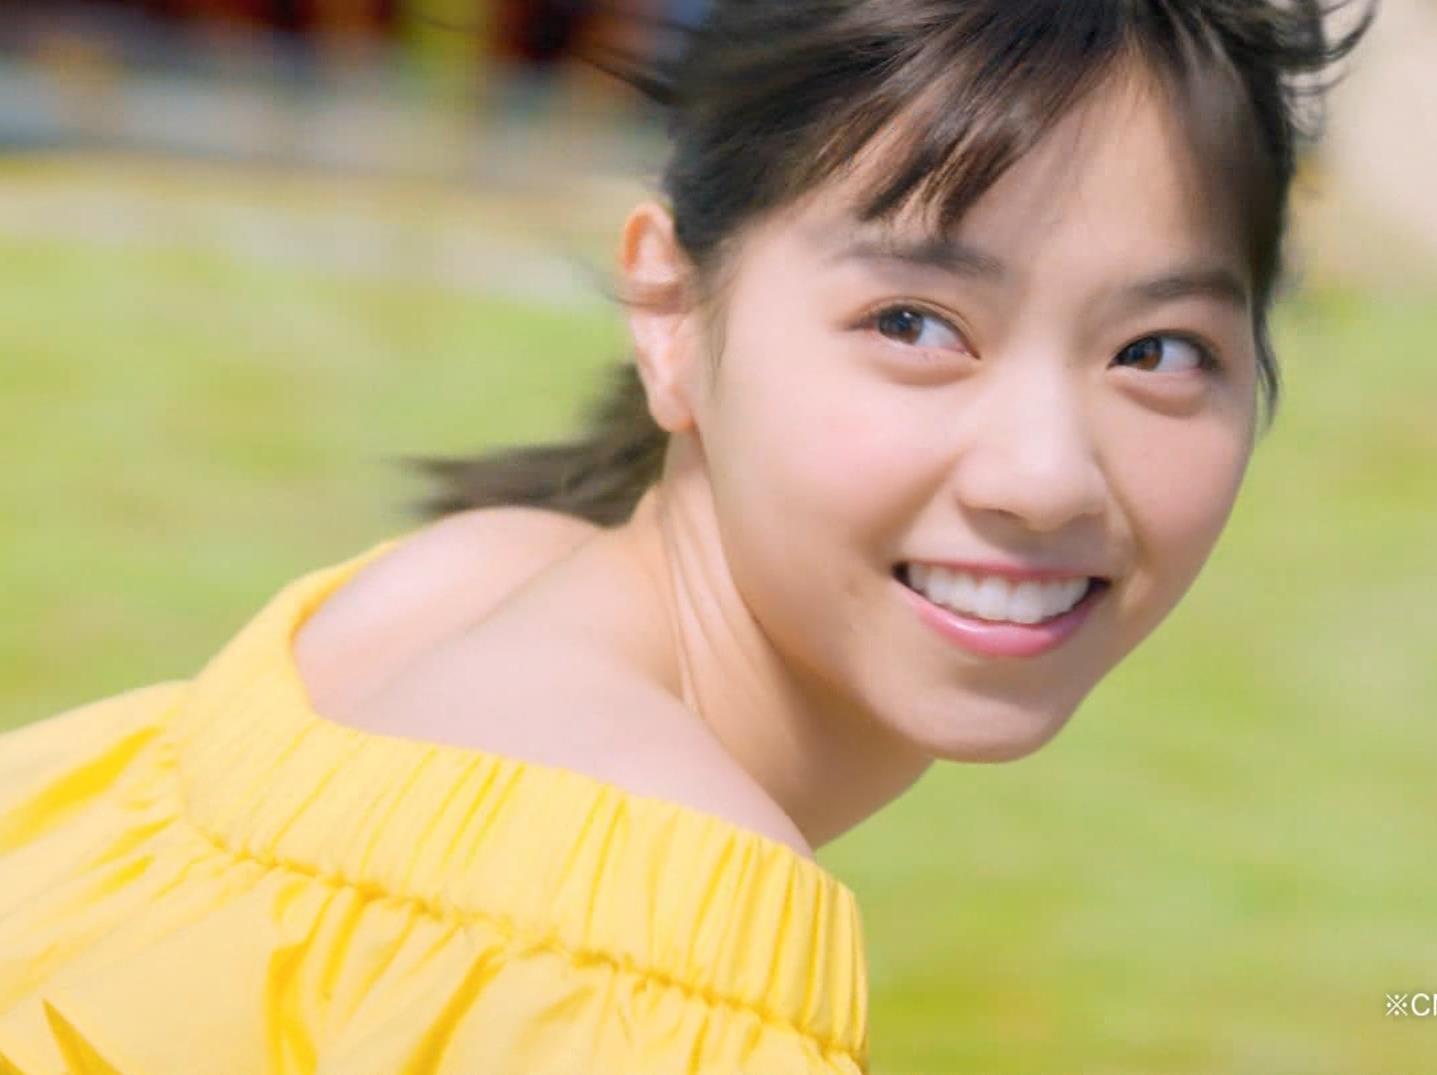 西野七瀬 エロかわいい日焼け止めのCMキャプ・エロ画像5